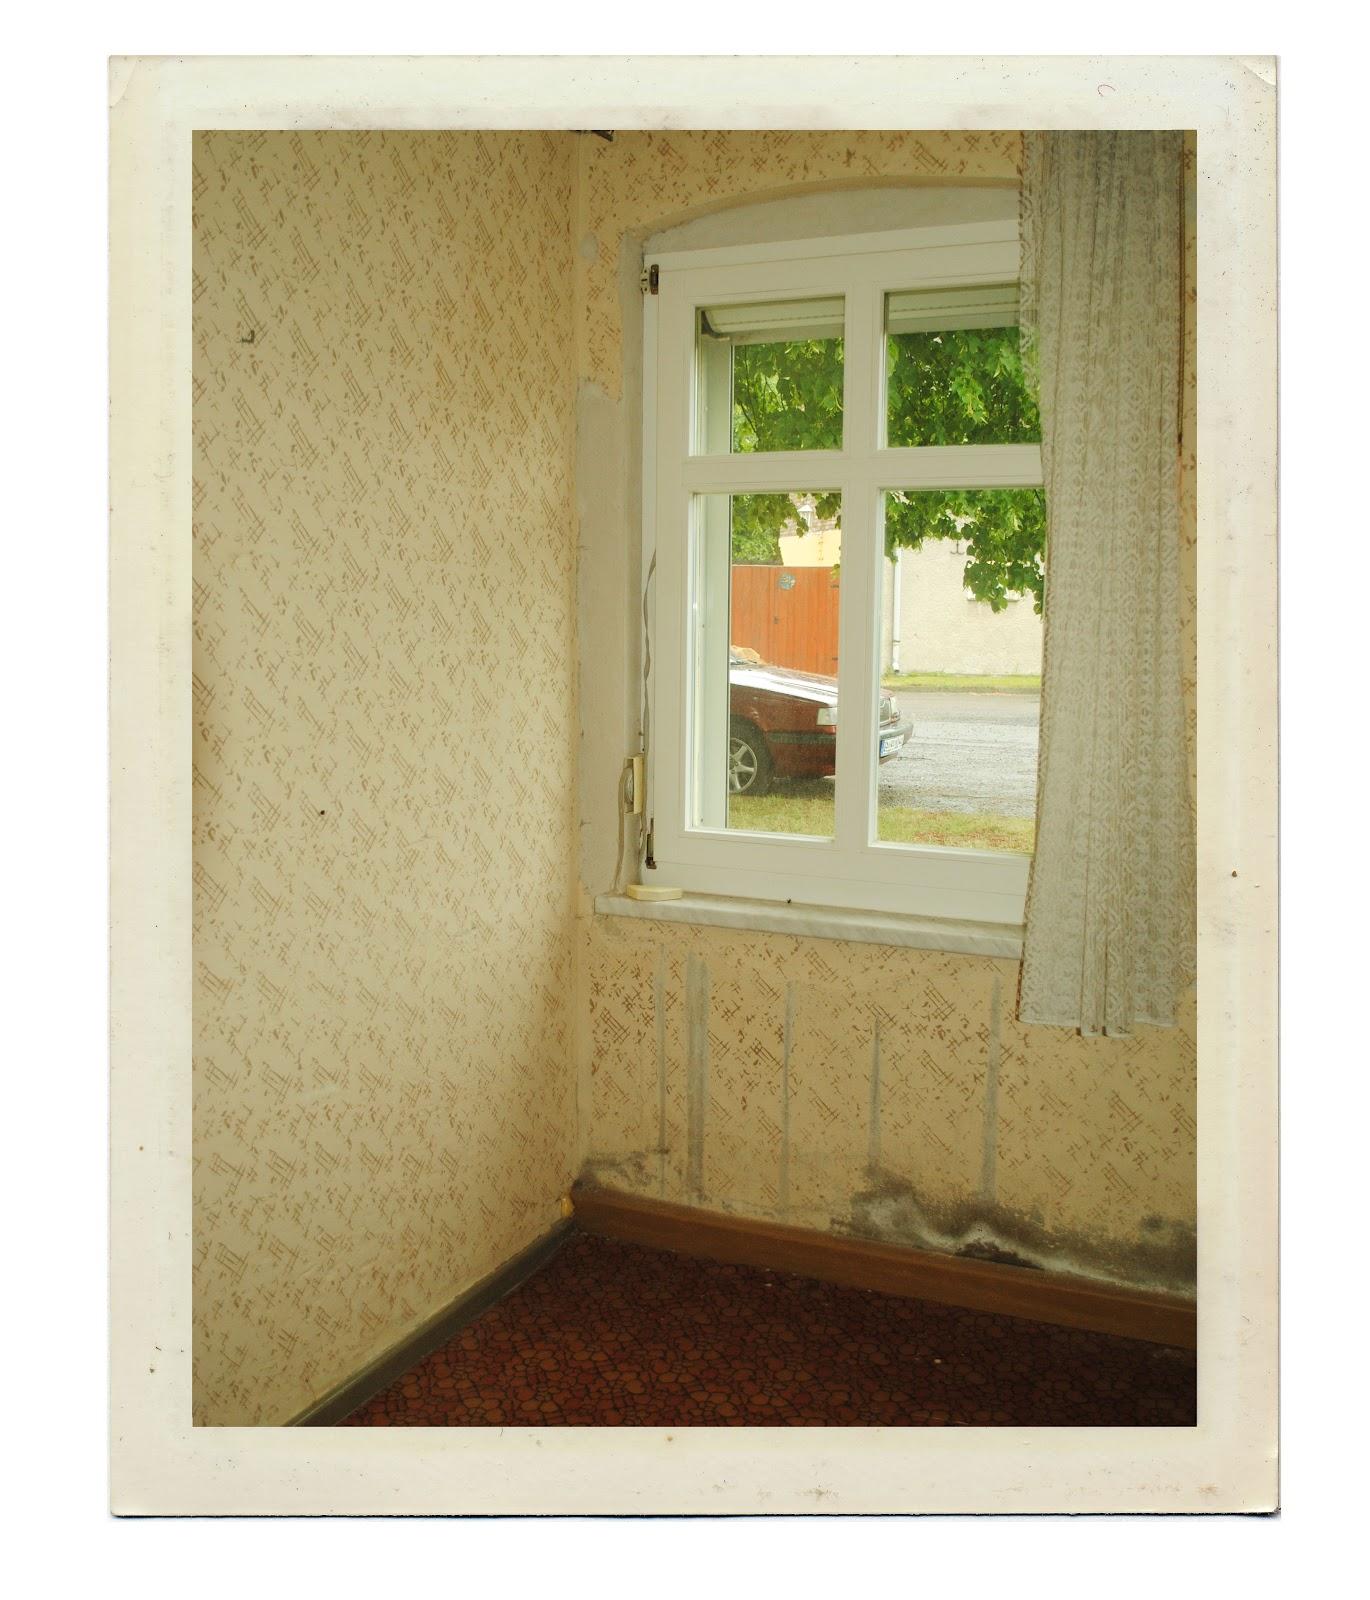 kleiner shabby salon von wichtigen dingen und fehlendem vorstellungsverm gen. Black Bedroom Furniture Sets. Home Design Ideas